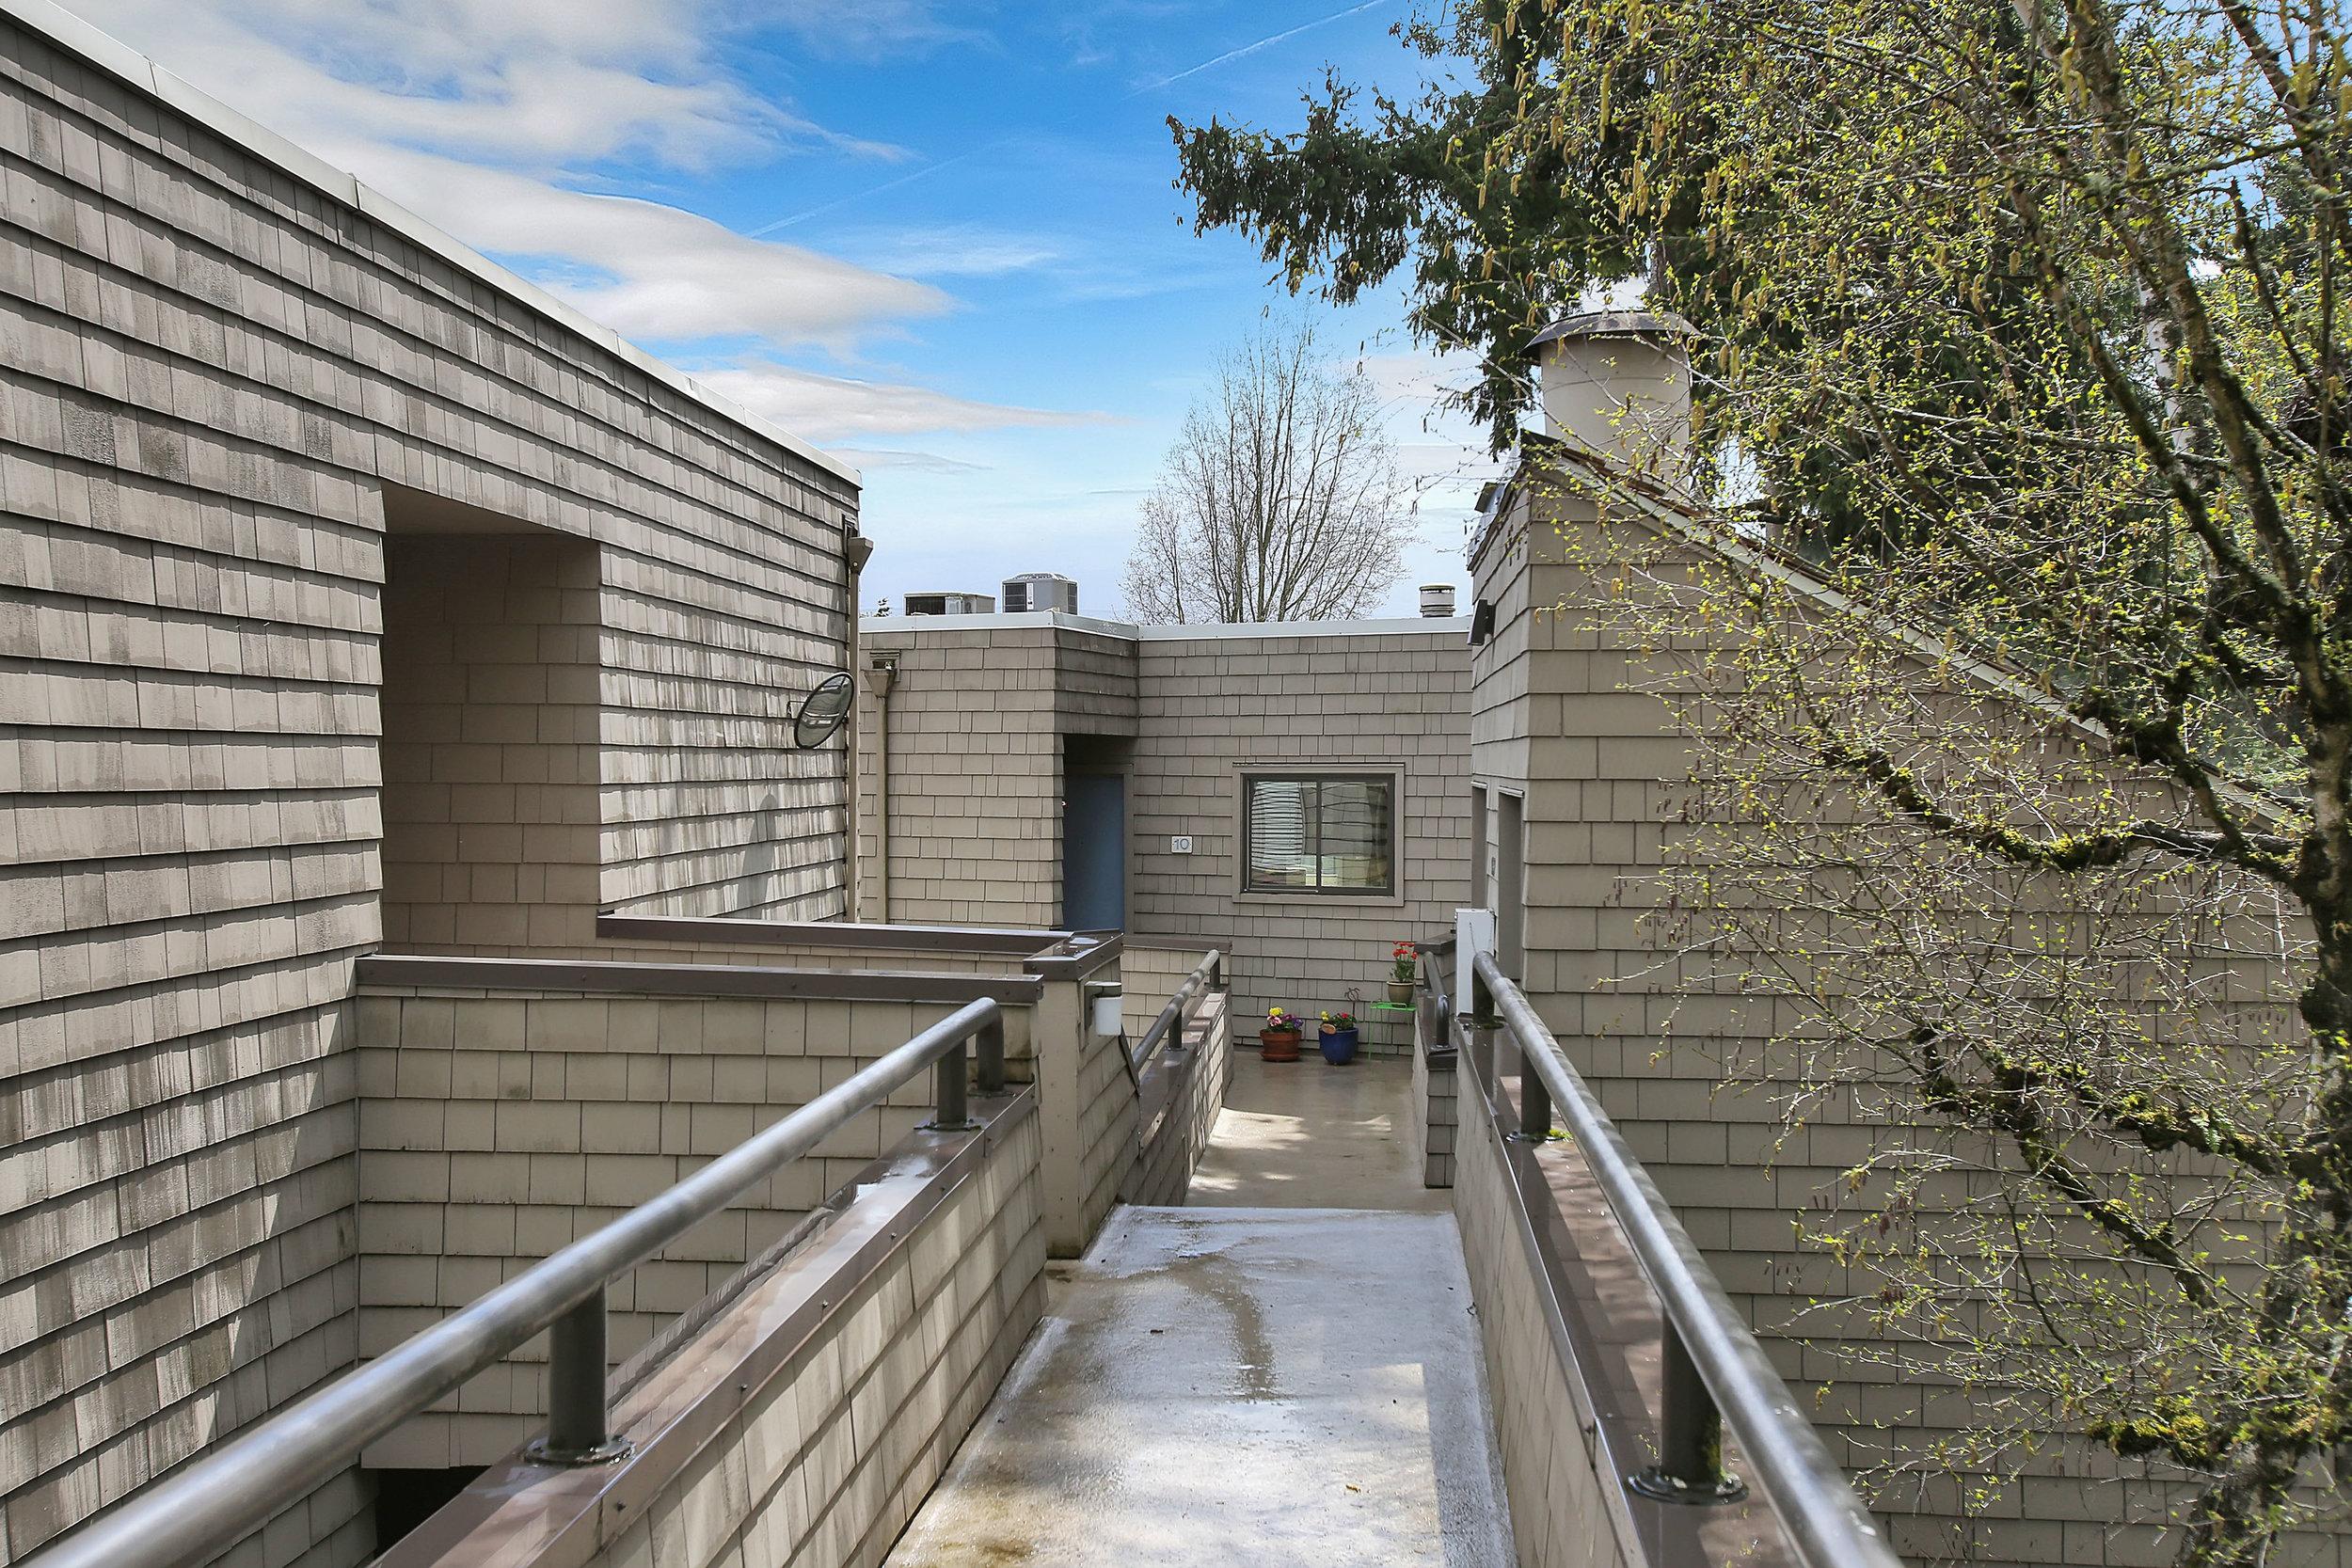 5858 SW Riversridge Ln - Unit 10 - Portland - 02.jpg